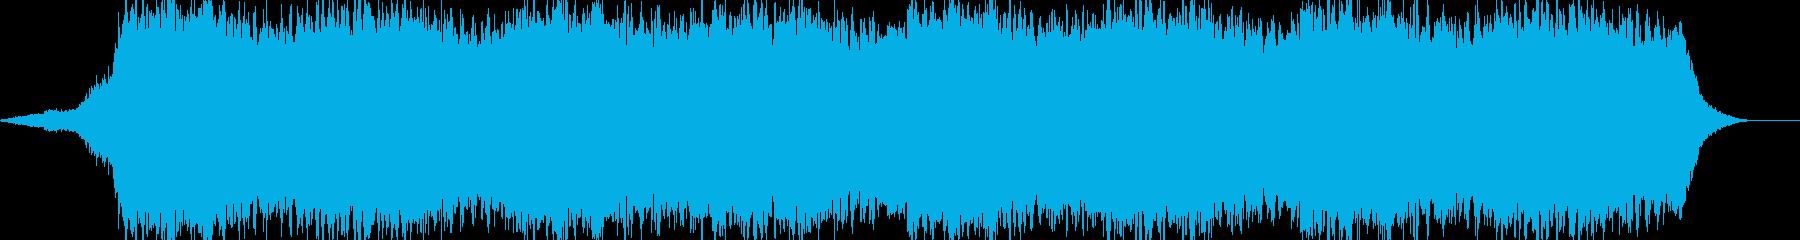 アンビエント・幻想の再生済みの波形